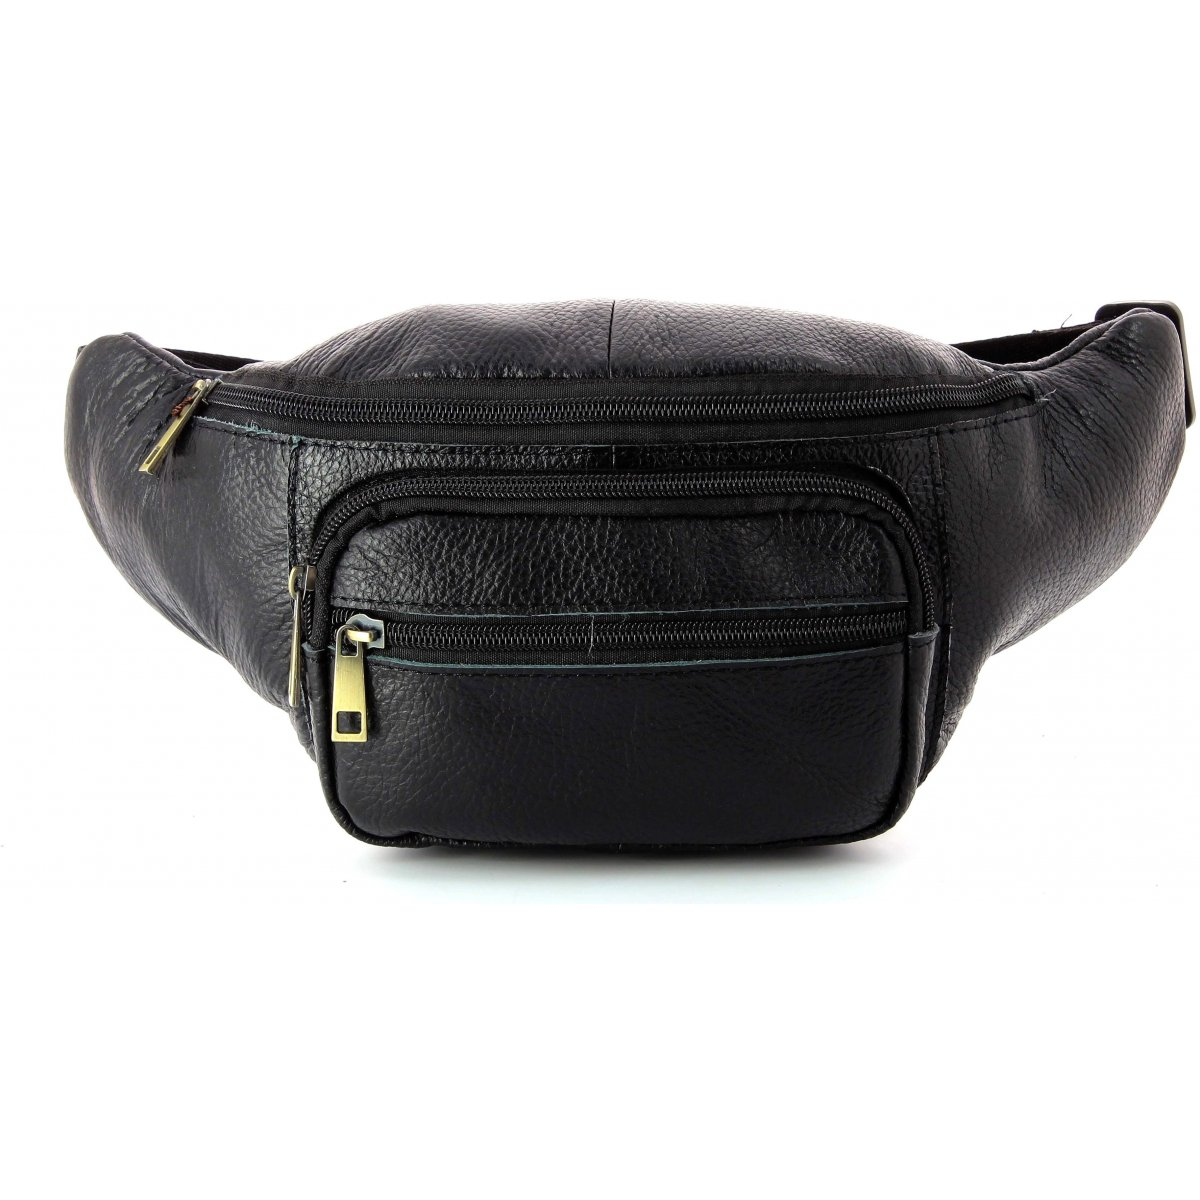 sac banane cuir homme les sacs de k 39 rlot hk631 couleur principale noir. Black Bedroom Furniture Sets. Home Design Ideas